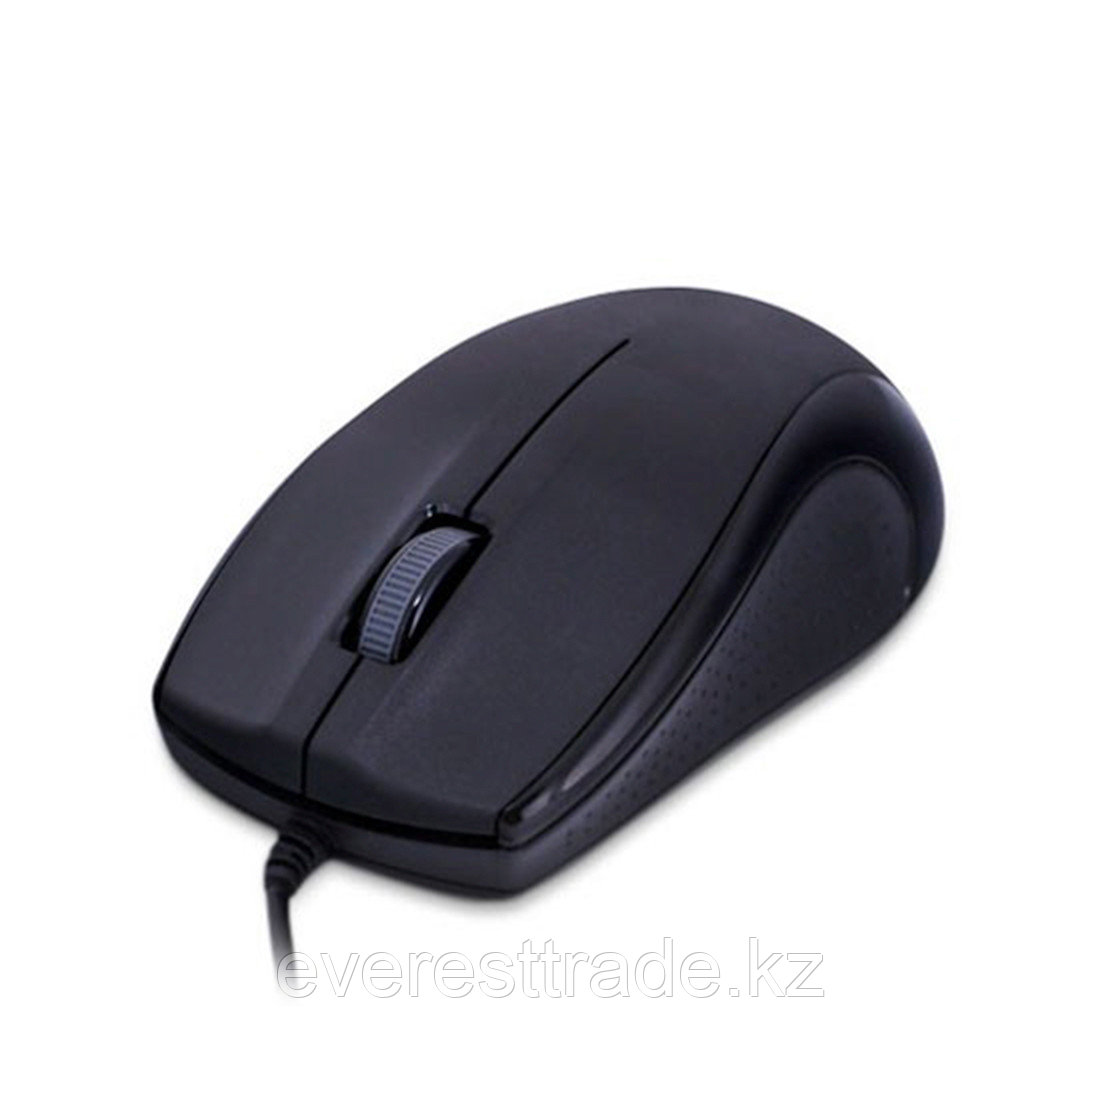 Мышь, Delux, DLM-375OUB, Оптическая, 800dpi, USB, Длина кабеля 1.6 метра